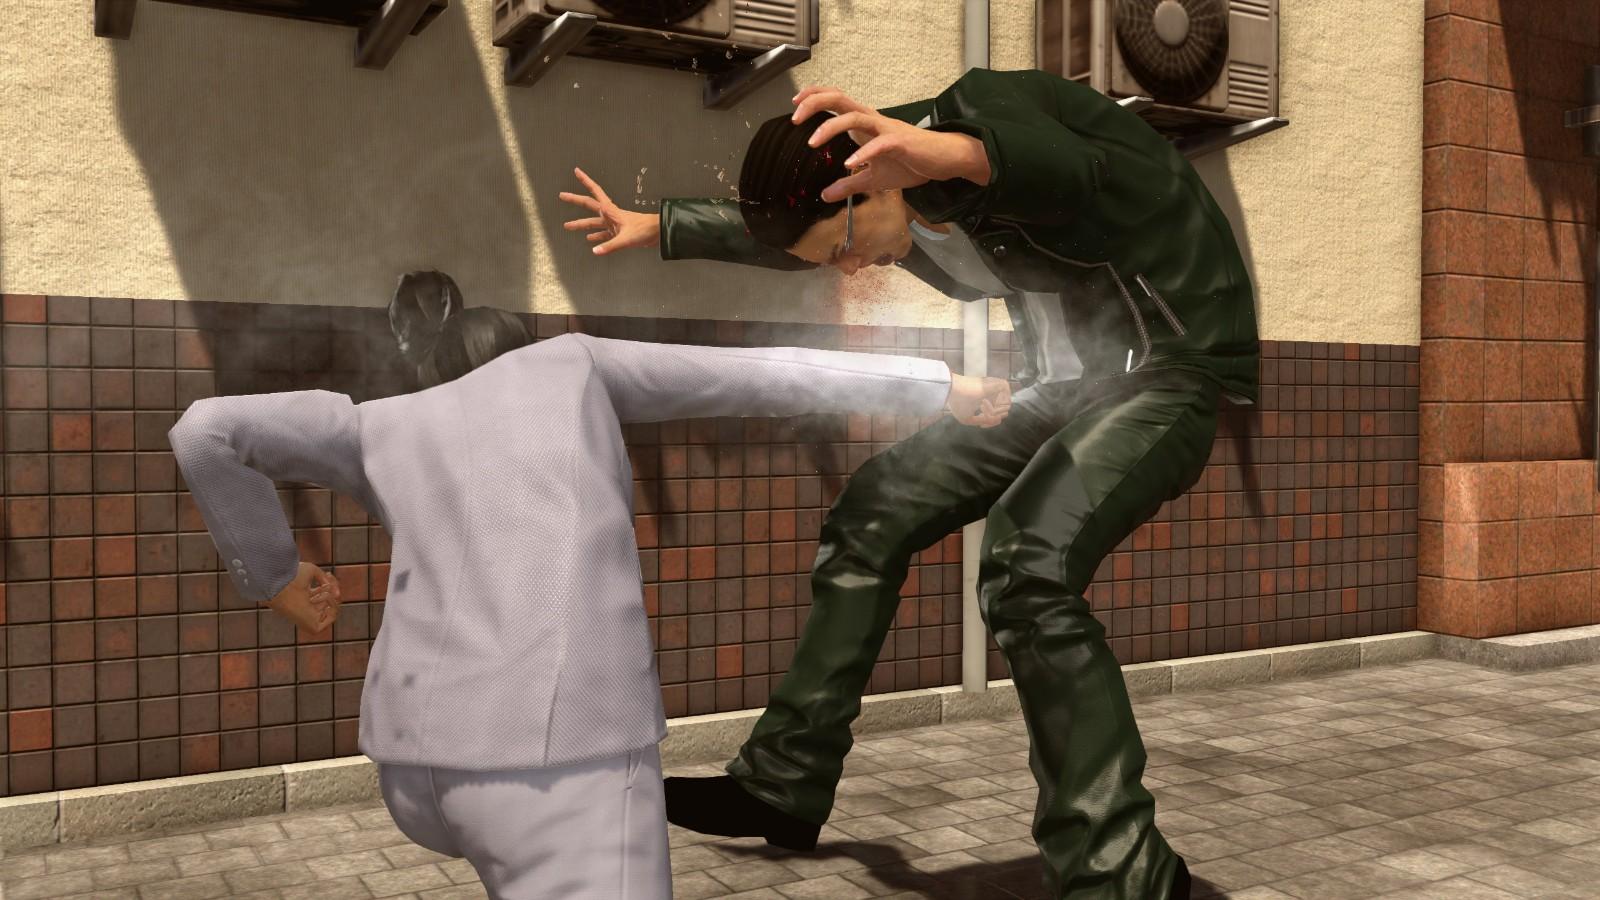 《如龙:极2》性转Mod发布 桐生一马变身为美女打手